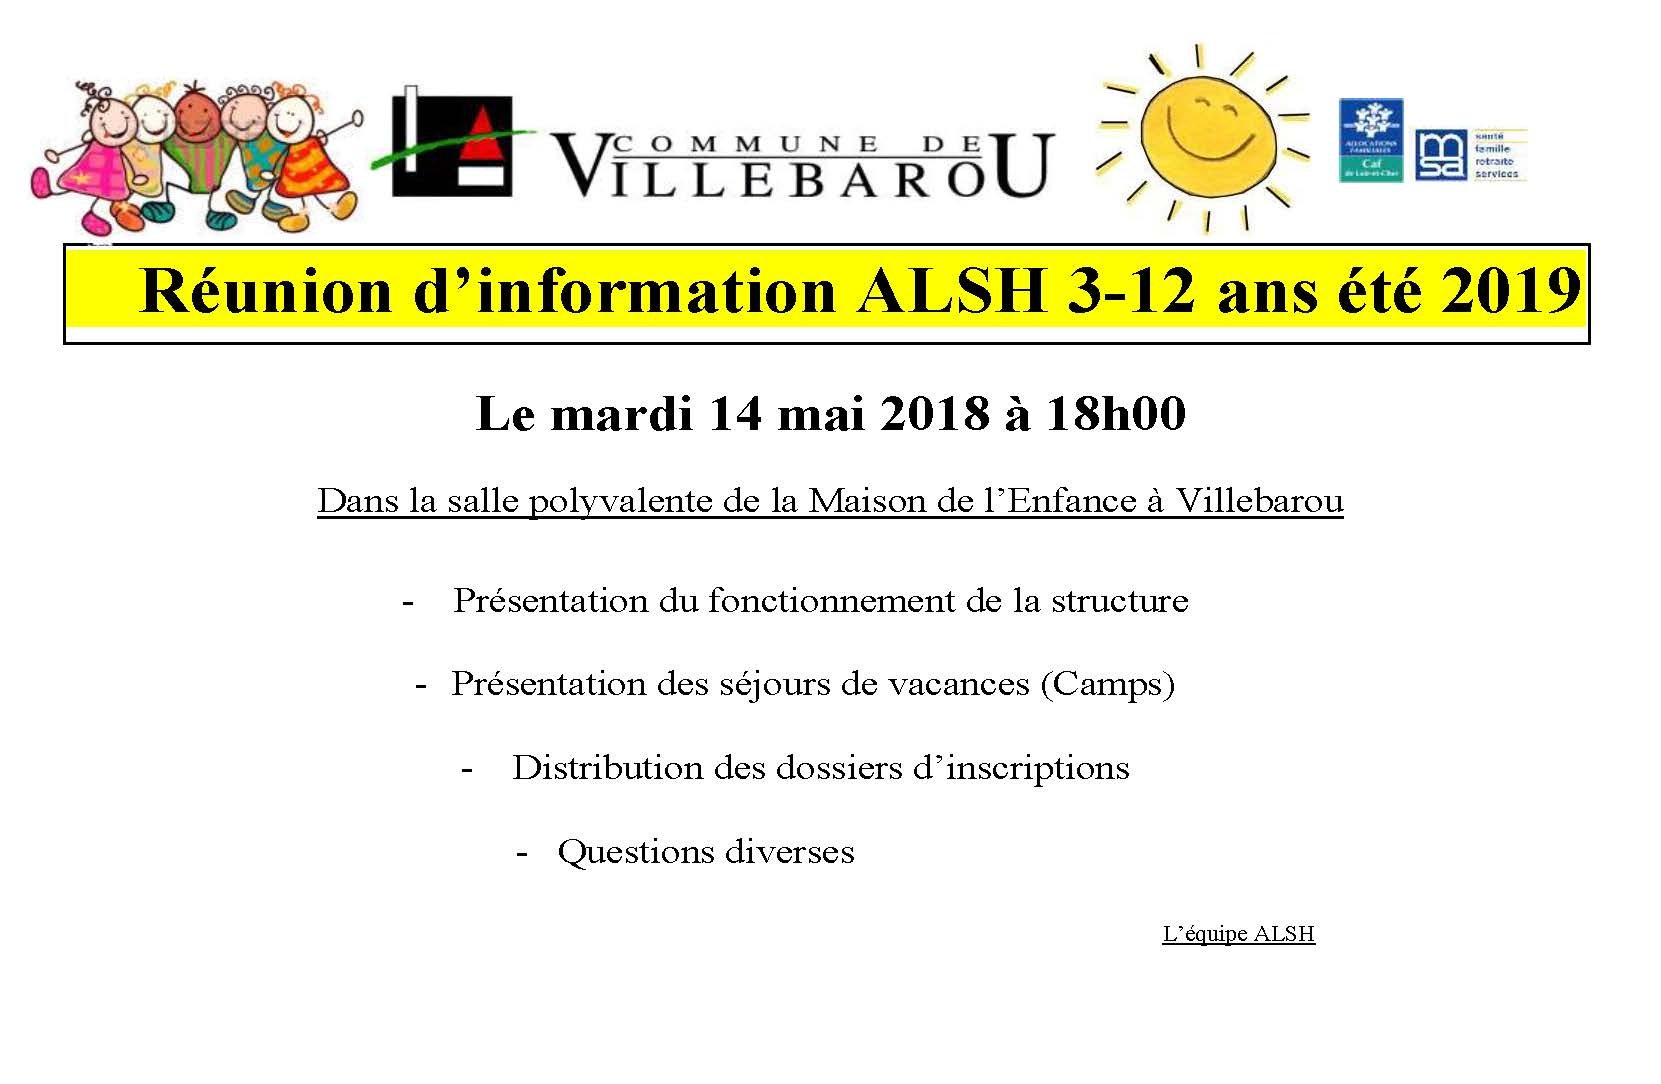 ALSH - Réunion d'information été 2019